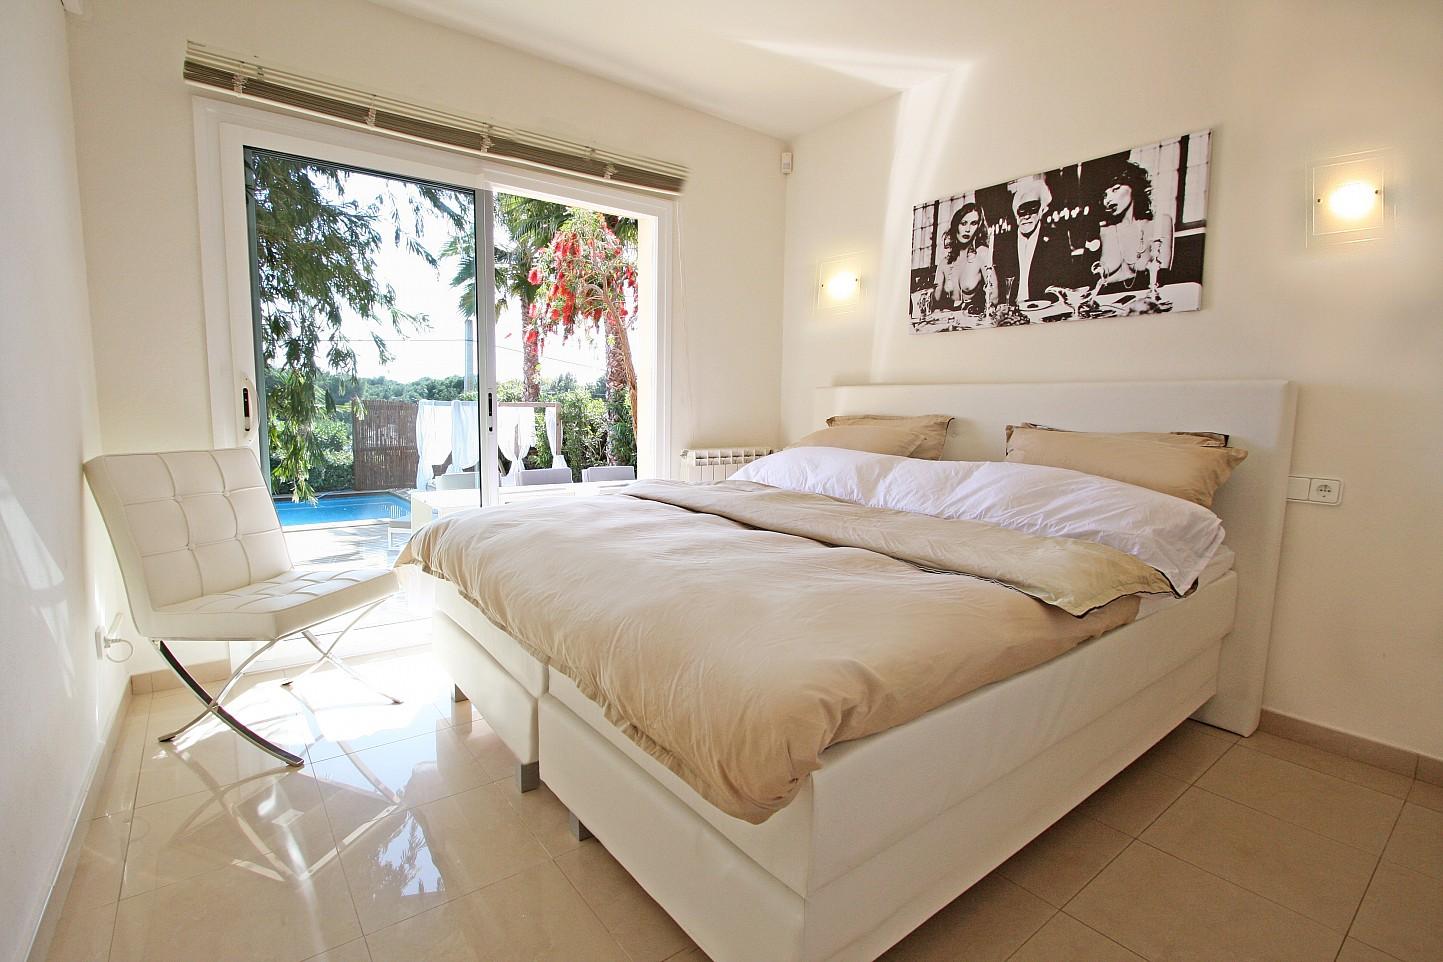 Dormitori amb accés a la piscina